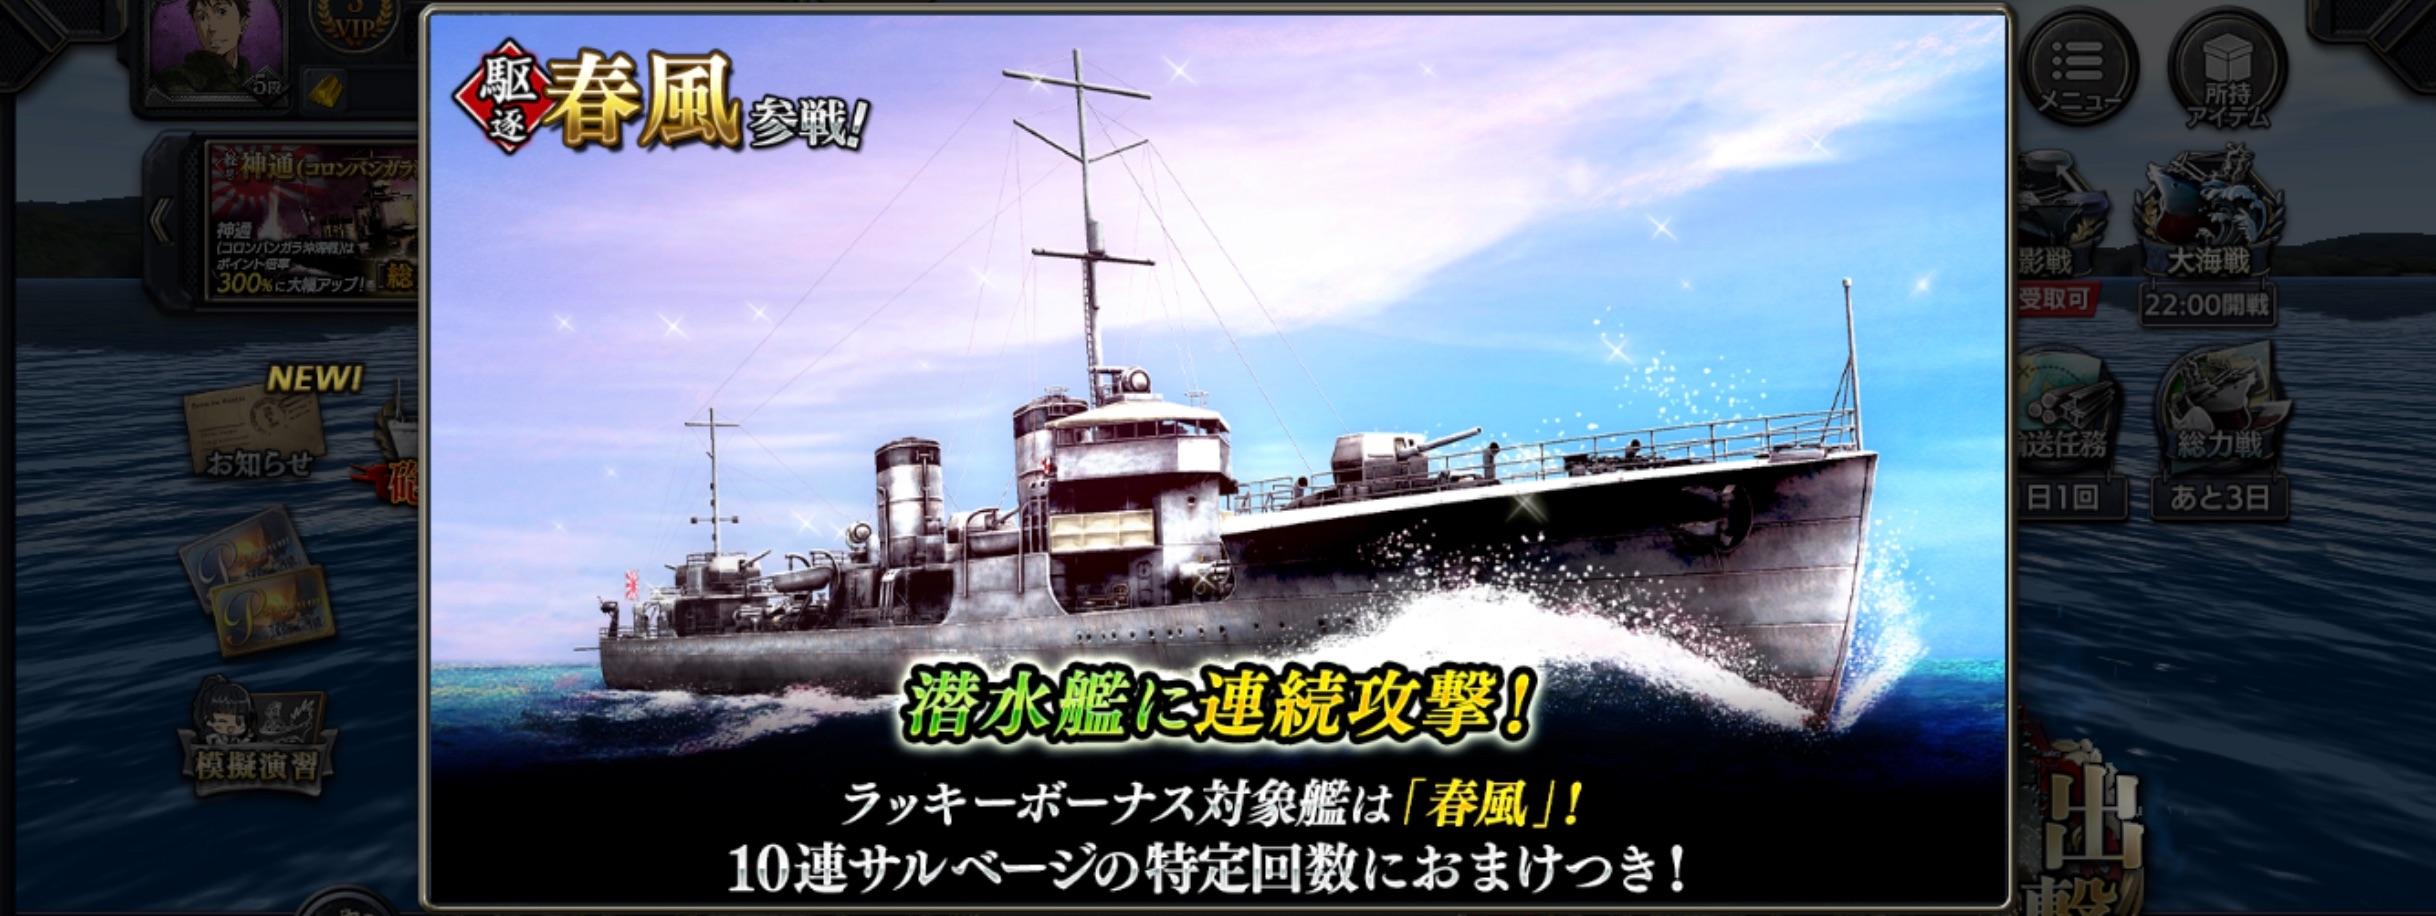 destroyer-harukaze